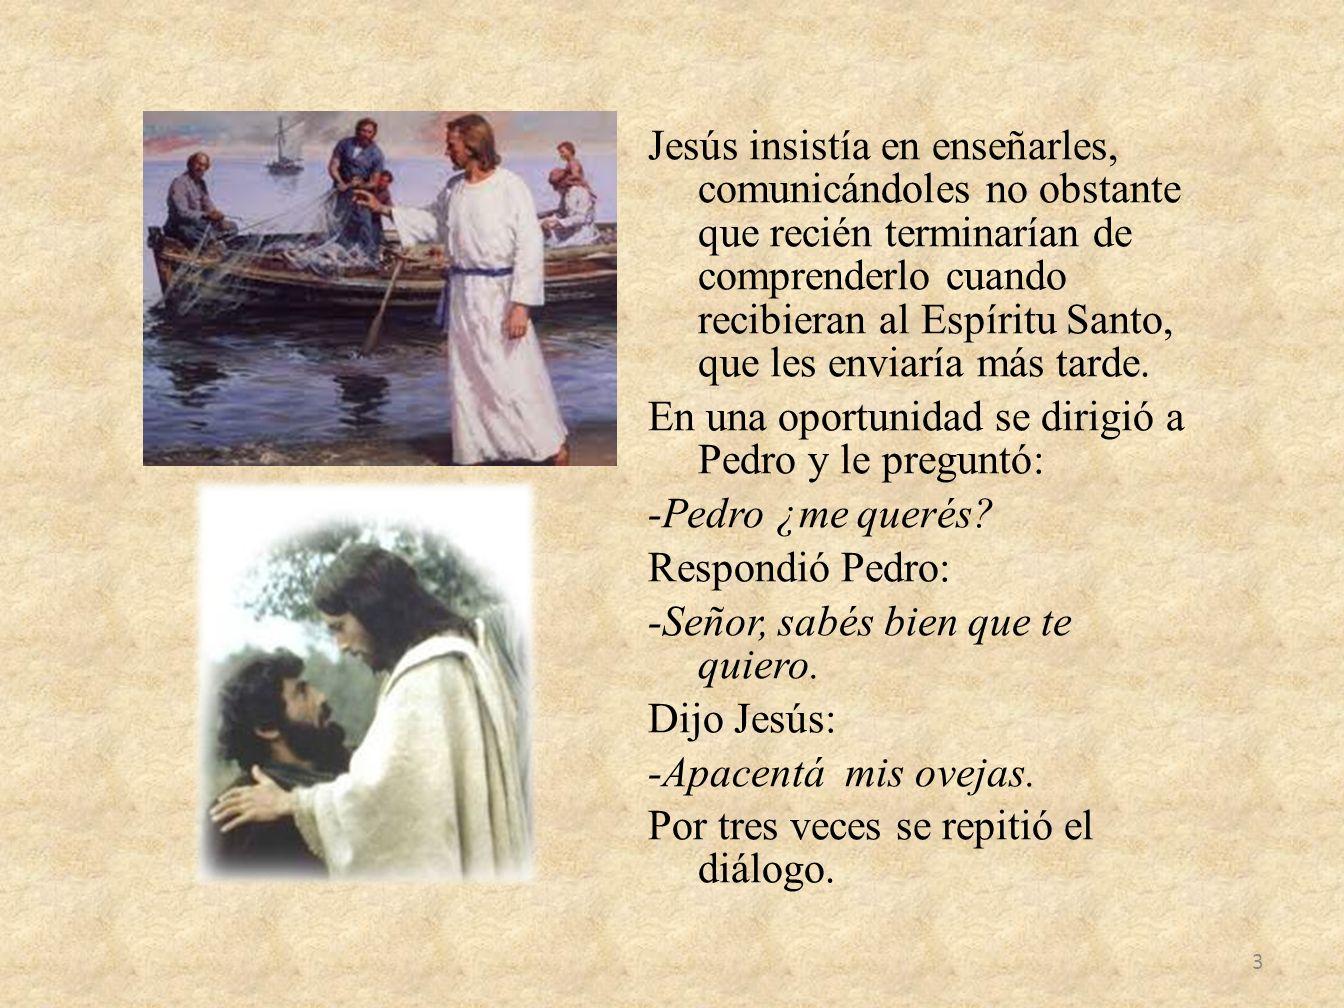 Jesús insistía en enseñarles, comunicándoles no obstante que recién terminarían de comprenderlo cuando recibieran al Espíritu Santo, que les enviaría